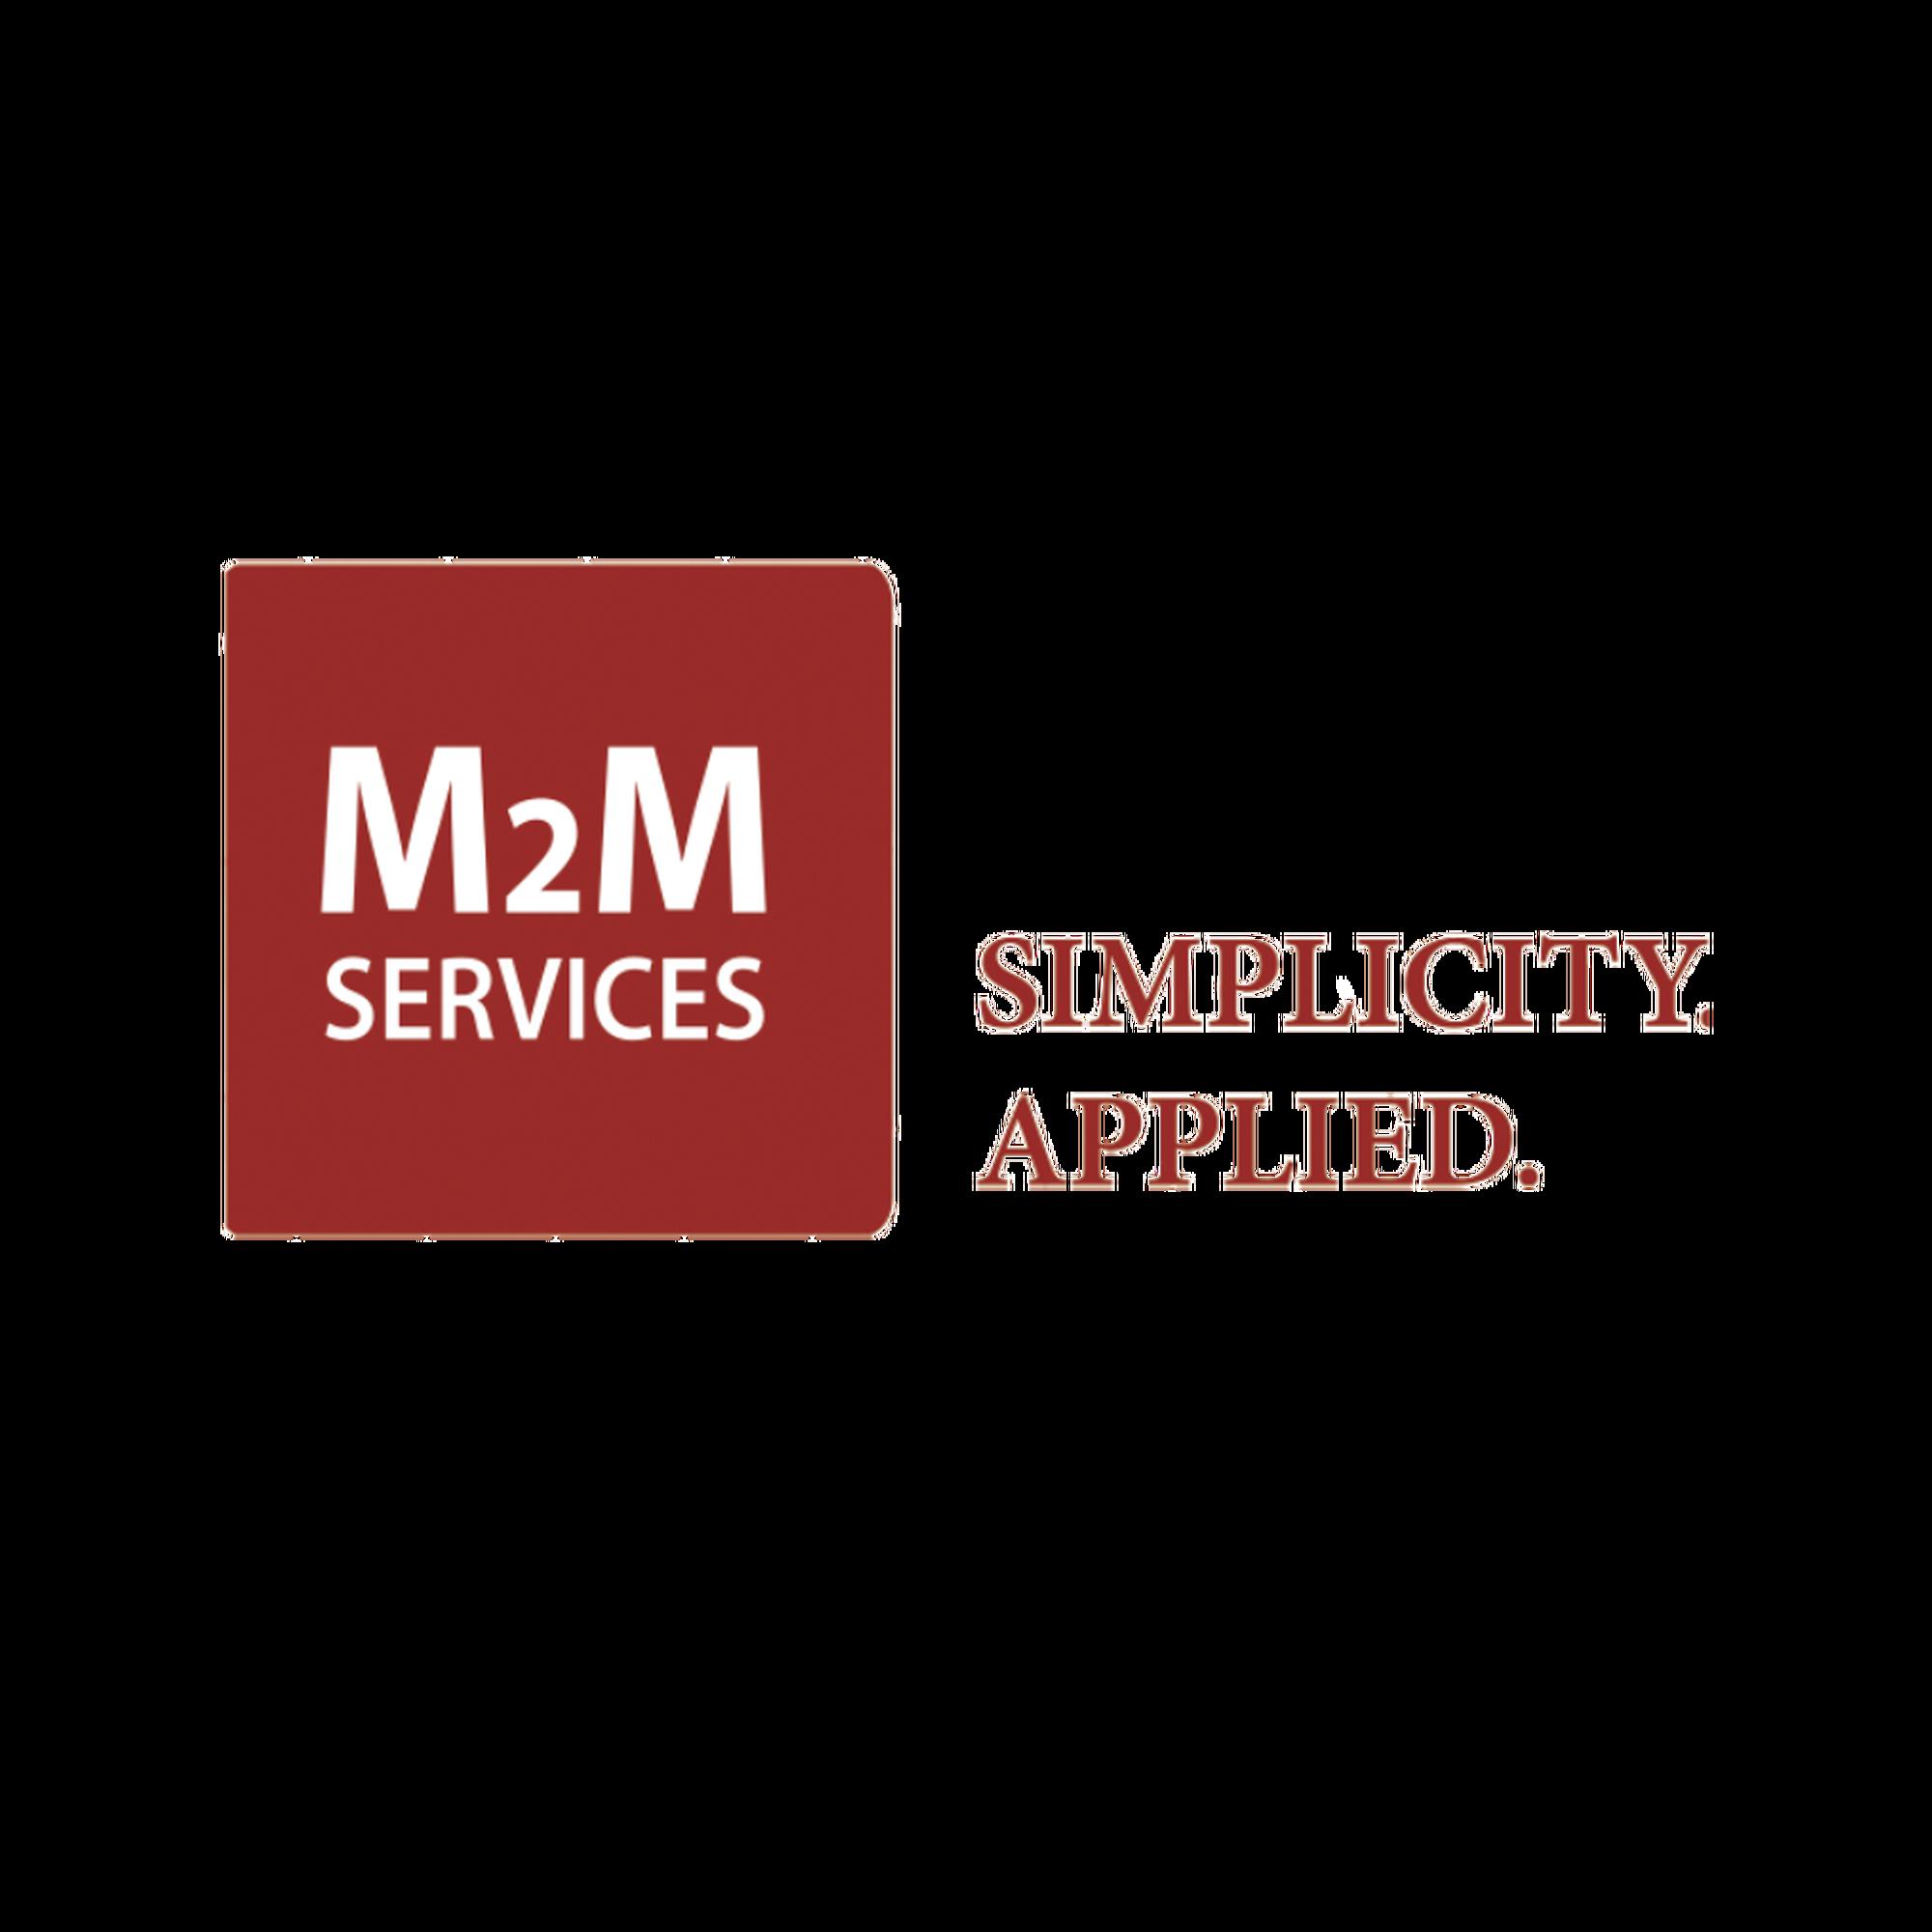 Servicio Anual M2M para conexiones ilimitadas de carga y descarga al panel de alarma(Se requiere MODEMVISTA o MODEMDSC)